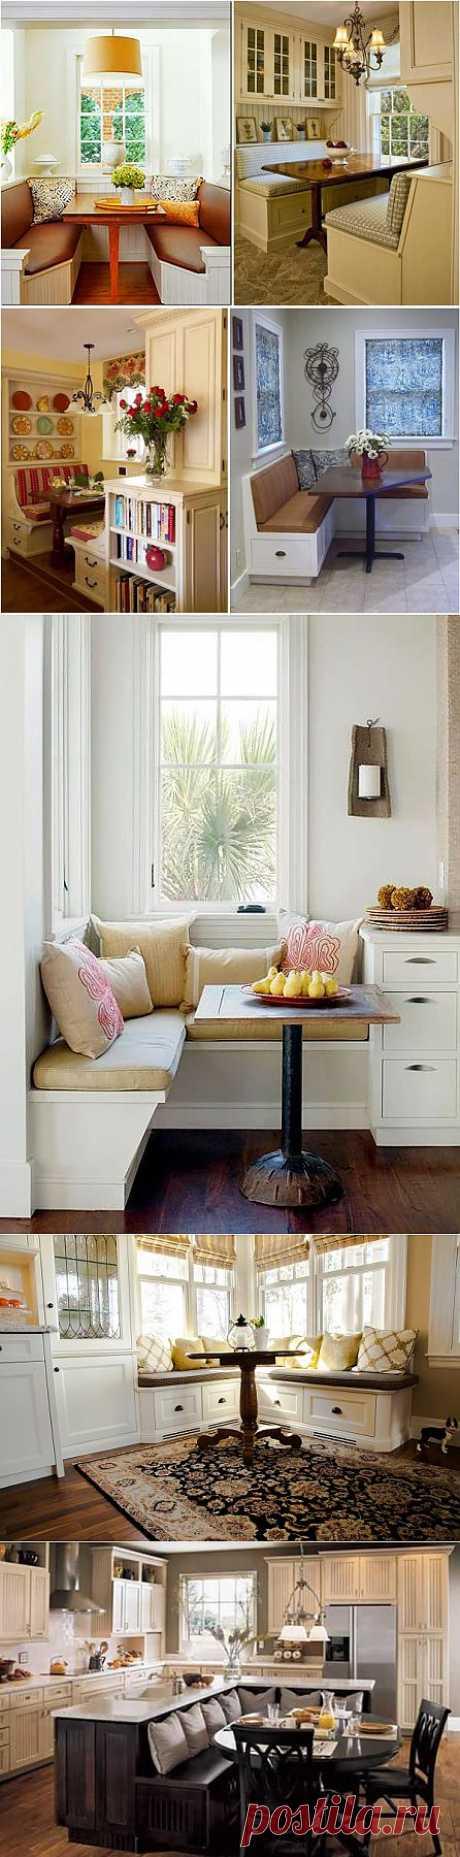 Обзор оригинальных моделей мягких уголков для кухни | Наш уютный дом